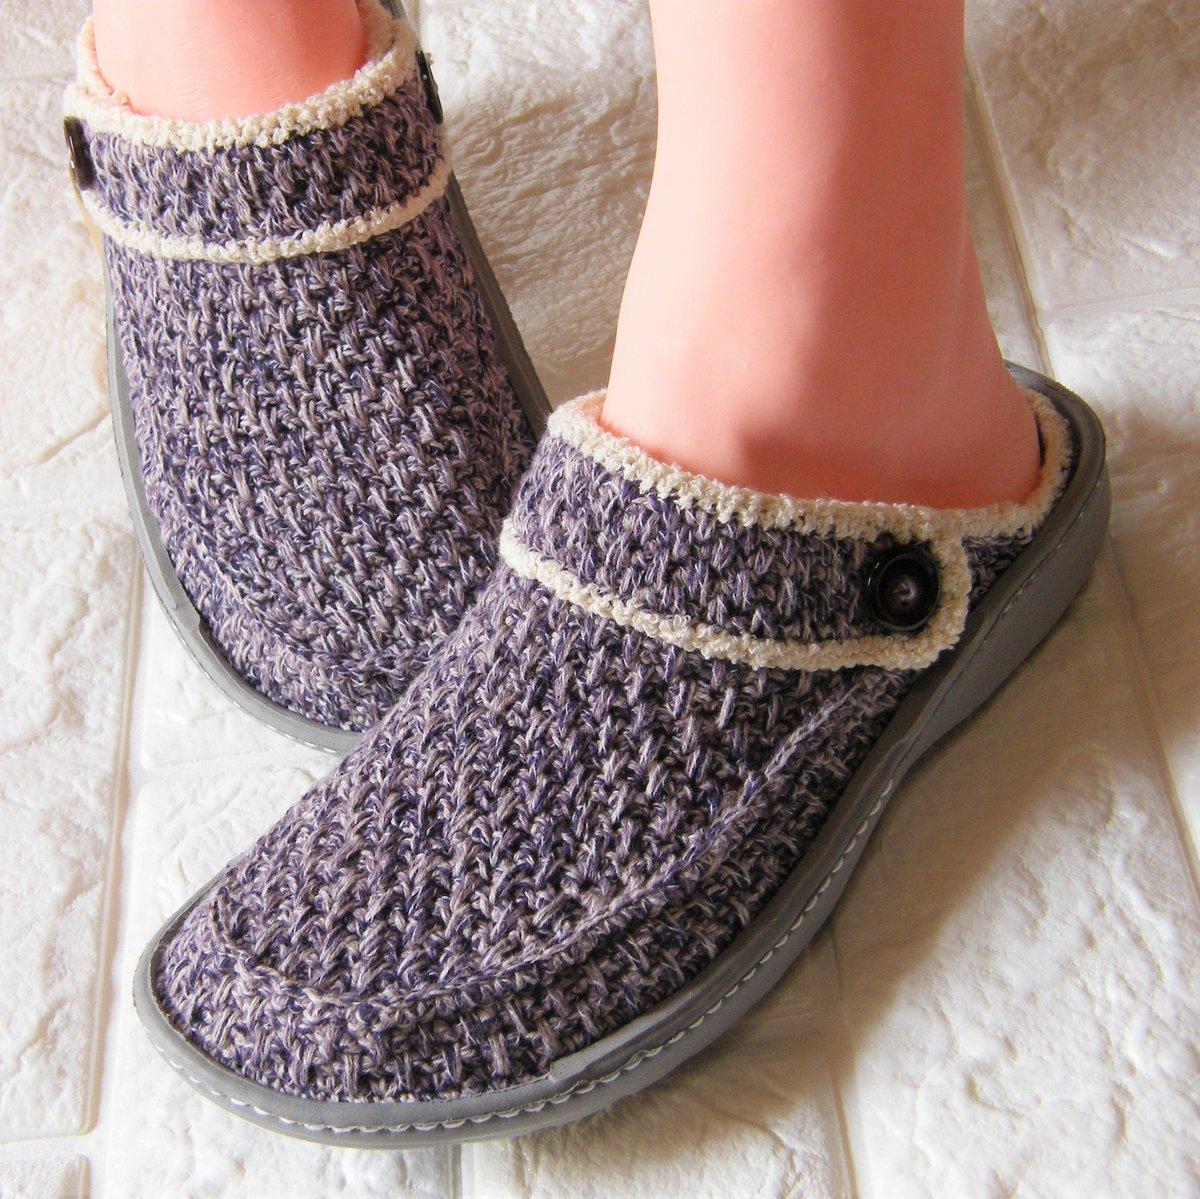 今日から魔改造★靴を編む人シリーズの販売始めました  ミンネで商品名は 『手編みのクロックス風ルームシューズ』です  興味があったらのぞいて下さい(n*´ω`*n) さっき開設したばかりなので 今後調整は必要そうですが  ご無沙汰でしたが ただいまんもす~  #靴編み #かぎ針編み